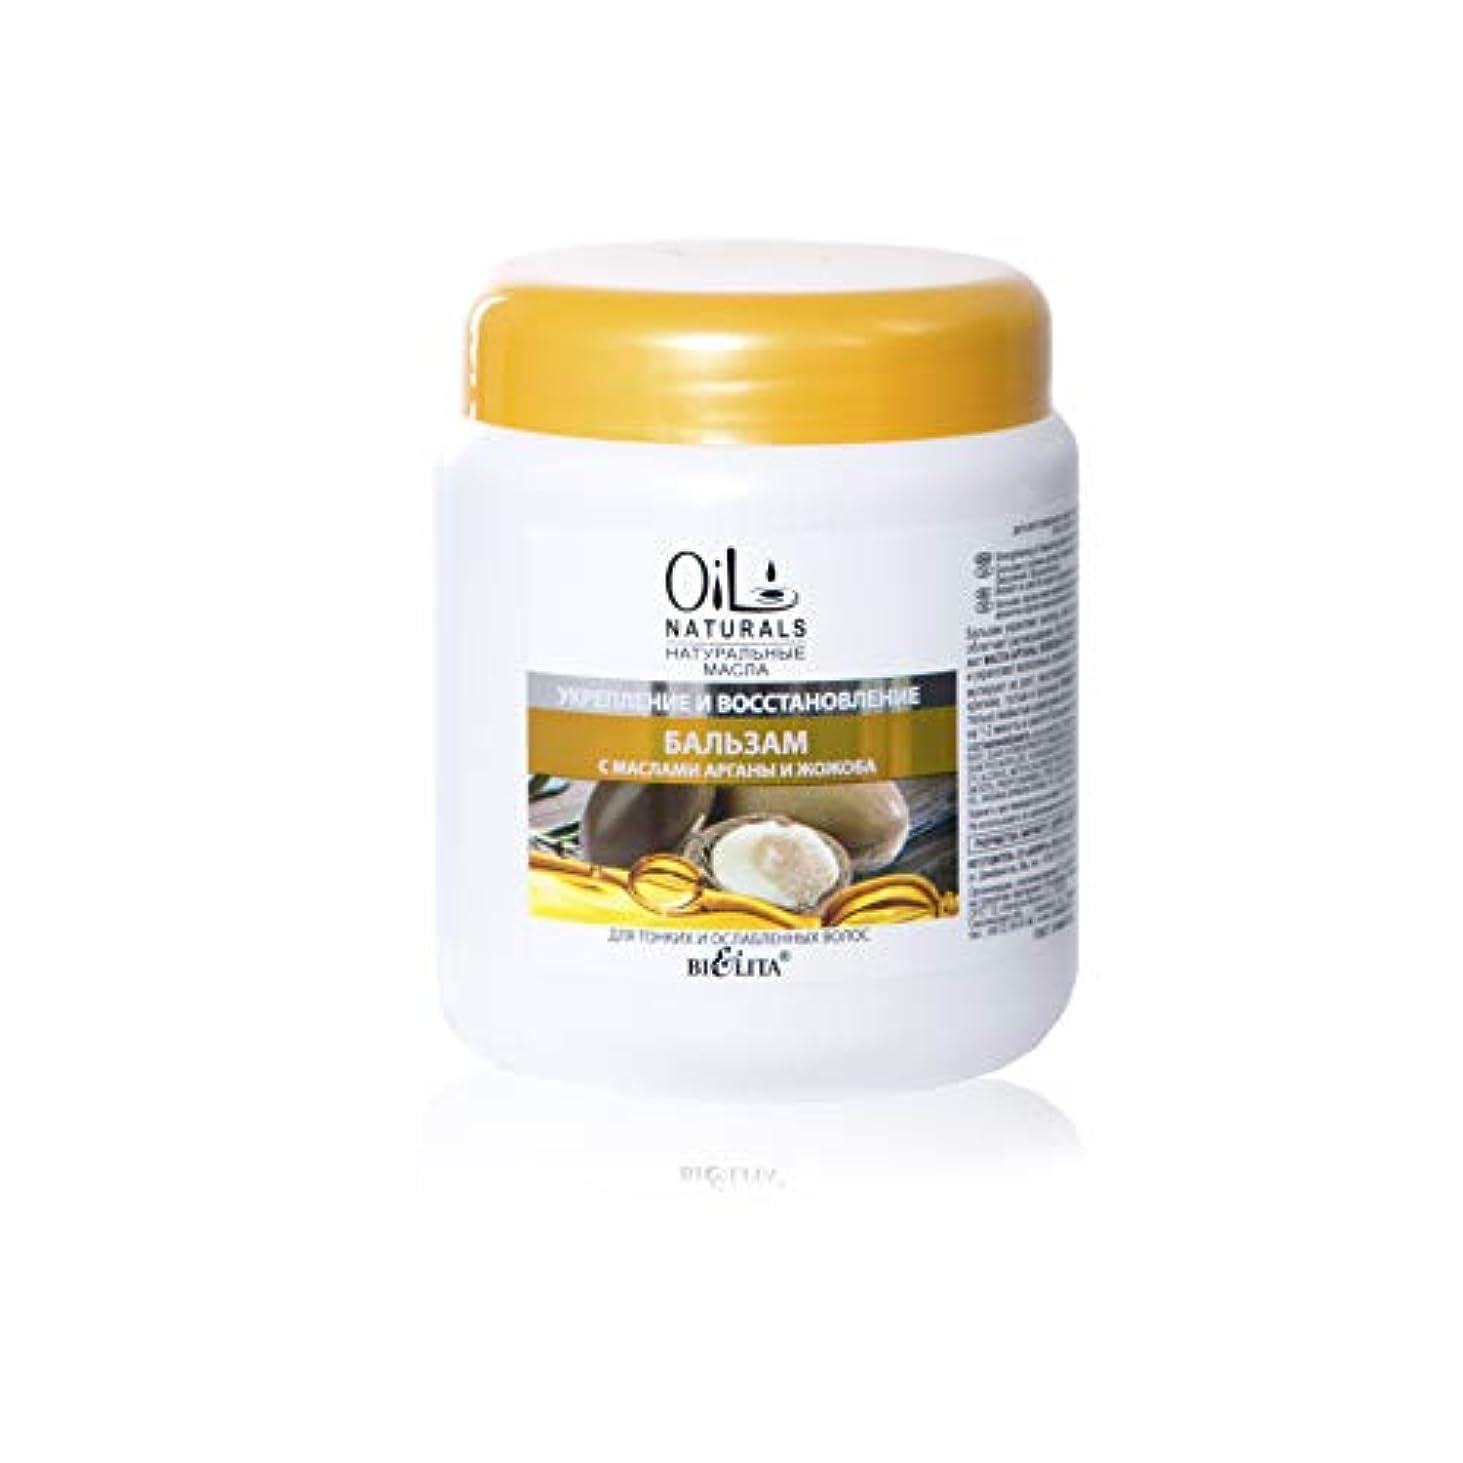 発表する家族役に立つBielita & Vitex Oil Naturals Line | Strengthening Balm for Thin and Weak Hair, for All Hair Types, 450 ml | Argan...